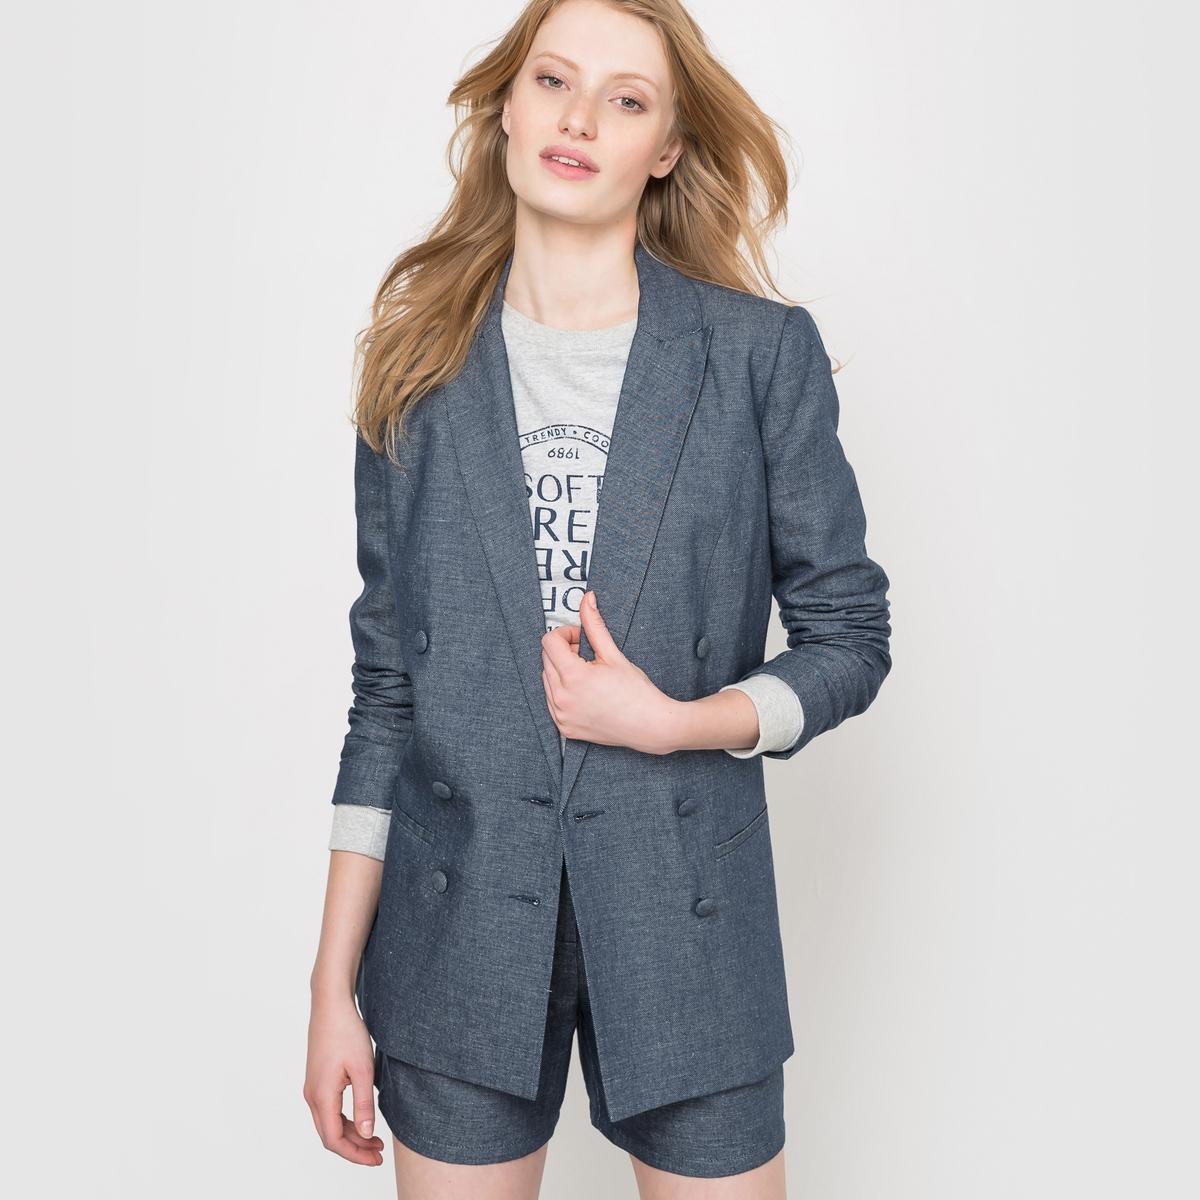 Жакет блейзерВ этом сезоне, в моде - женский блейзер, он принесет элегантность небольшому платью или шика - брюкам .<br><br>Цвет: серый,синий<br>Размер: 36 (FR) - 42 (RUS).34 (FR) - 40 (RUS).36 (FR) - 42 (RUS).40 (FR) - 46 (RUS)